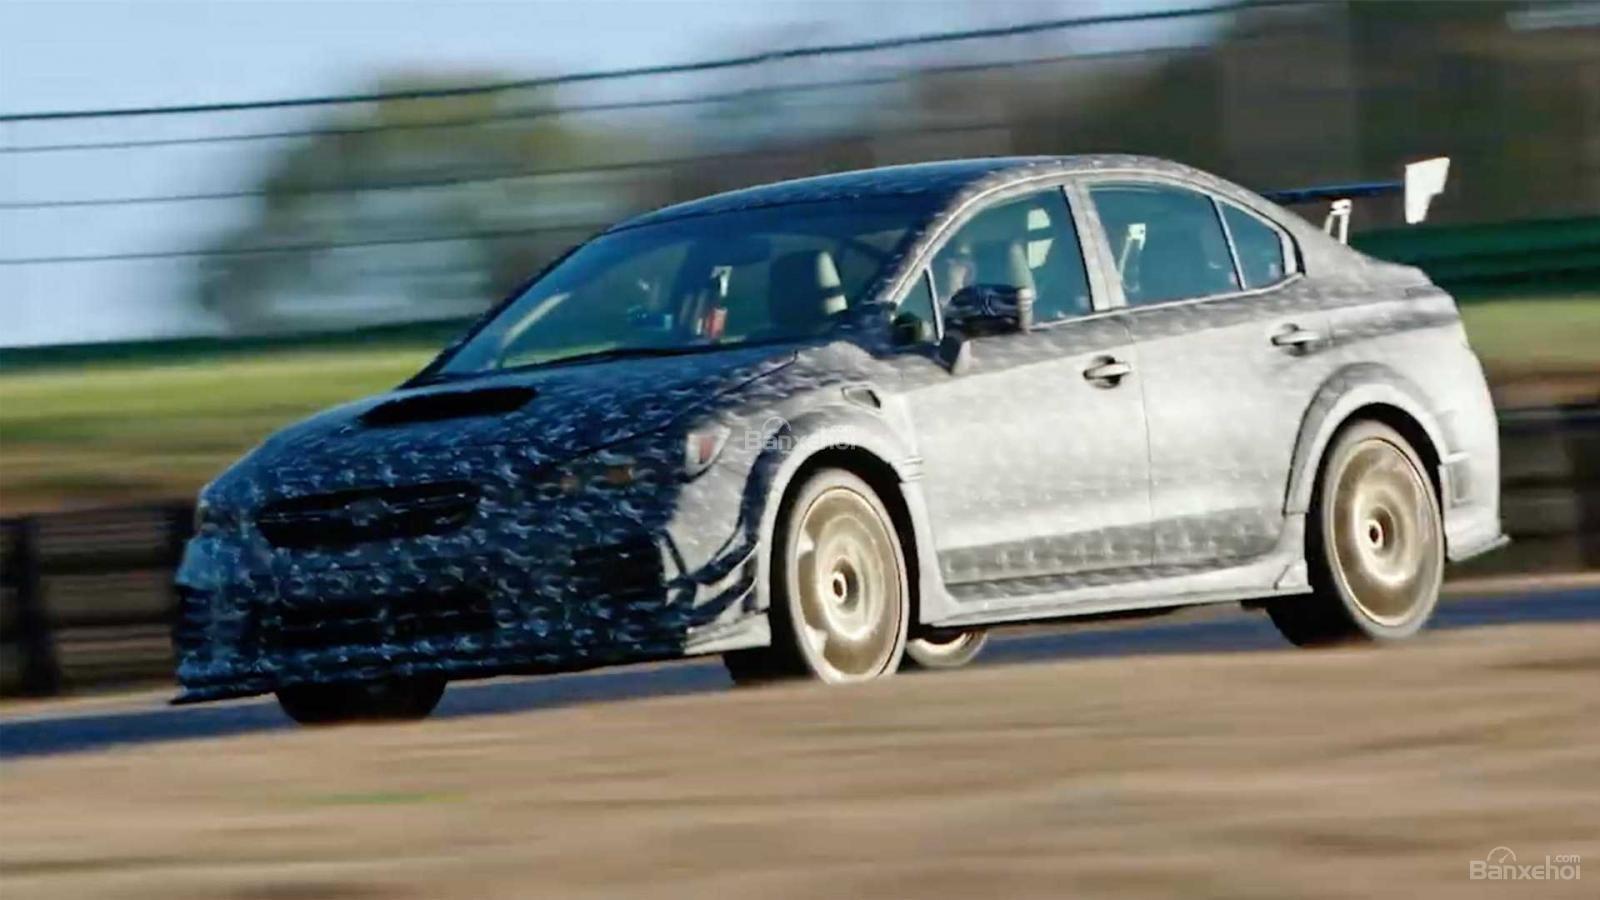 Subaru WRX STI S209 nhá hàng trước ngày ra mắt - 1